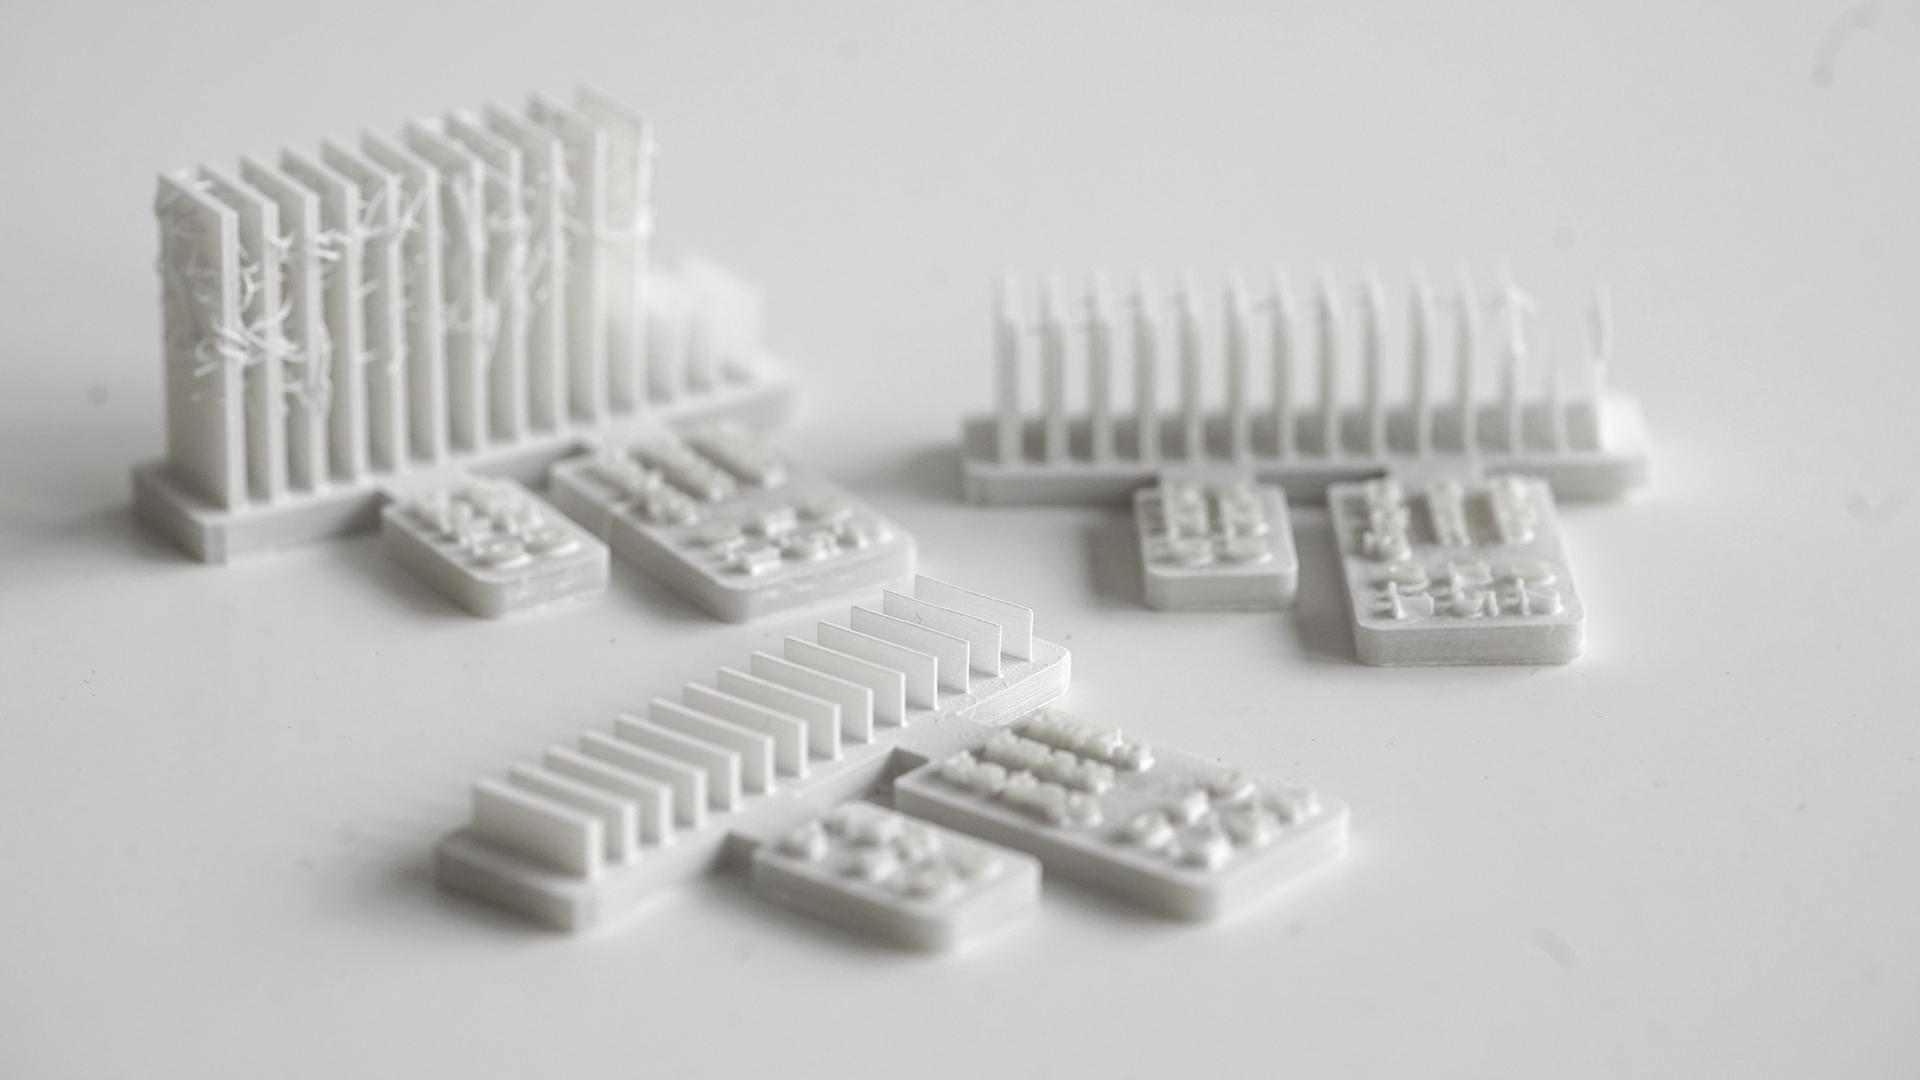 Drei unterschiedliche gedruckte und getrocknete Probekörper zur Ermittlung von Parametern für ungestützte Wände